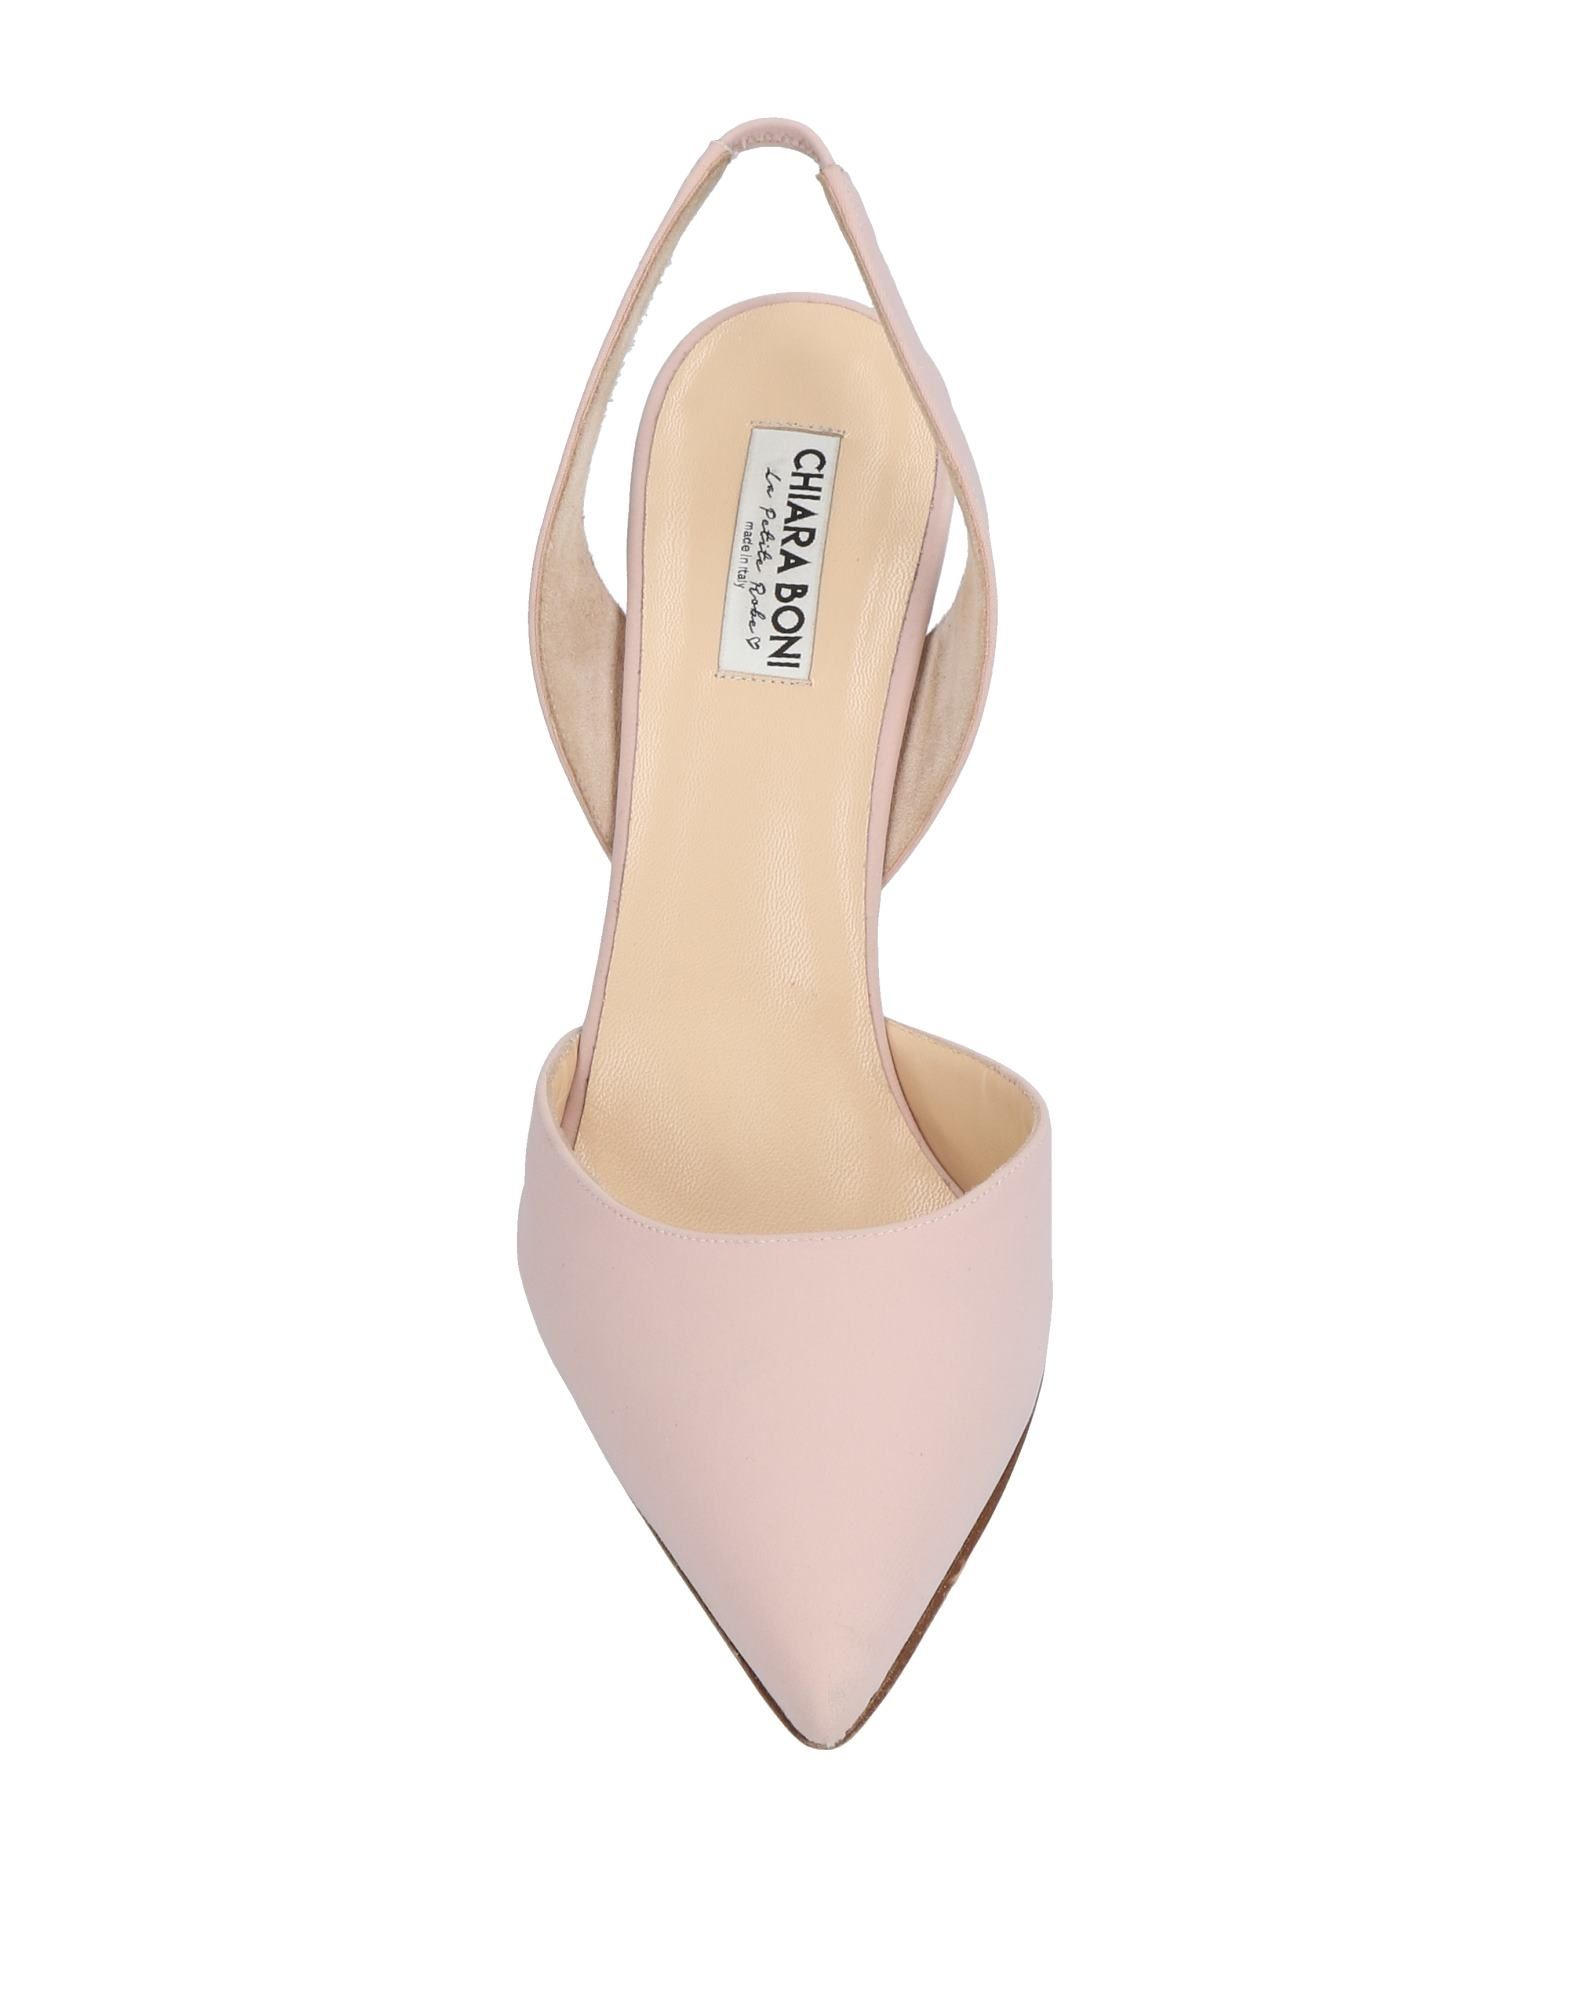 Rabatt Schuhe Chiara Boni La Petite Robe Pumps Pumps Robe Damen  11500527QF 5a091b